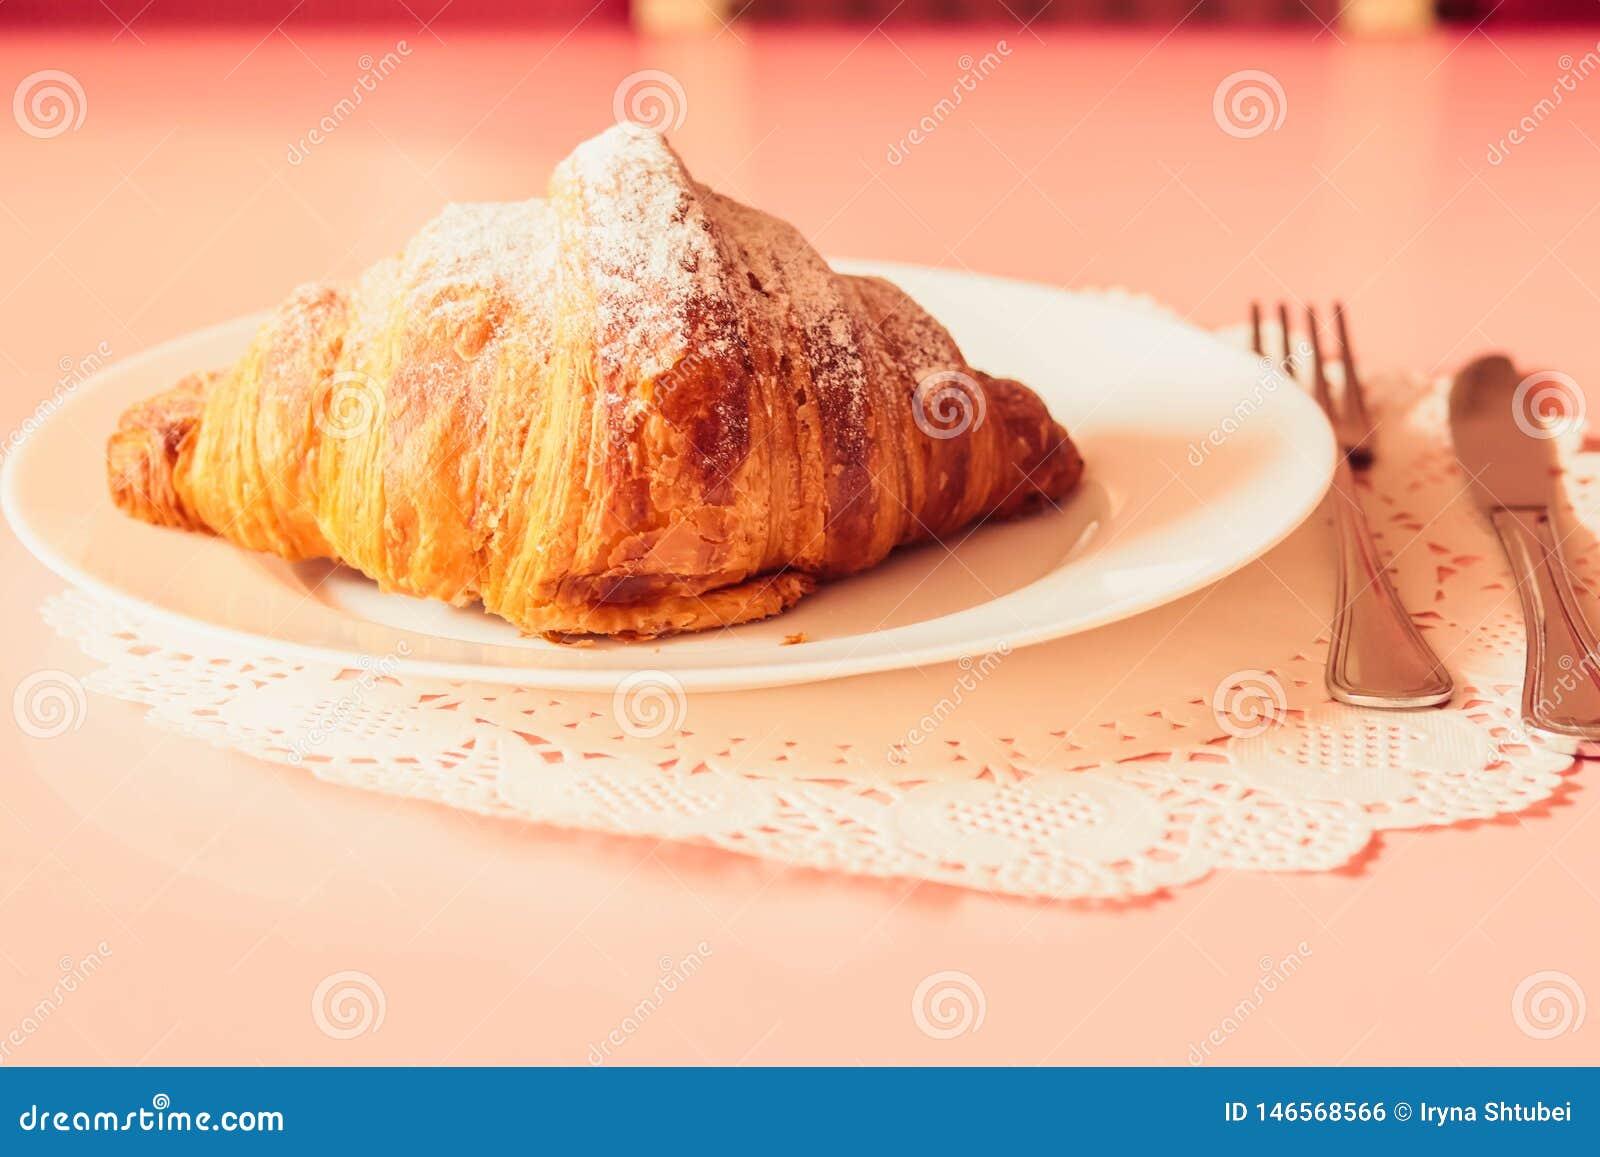 Frans croissant op een plaat